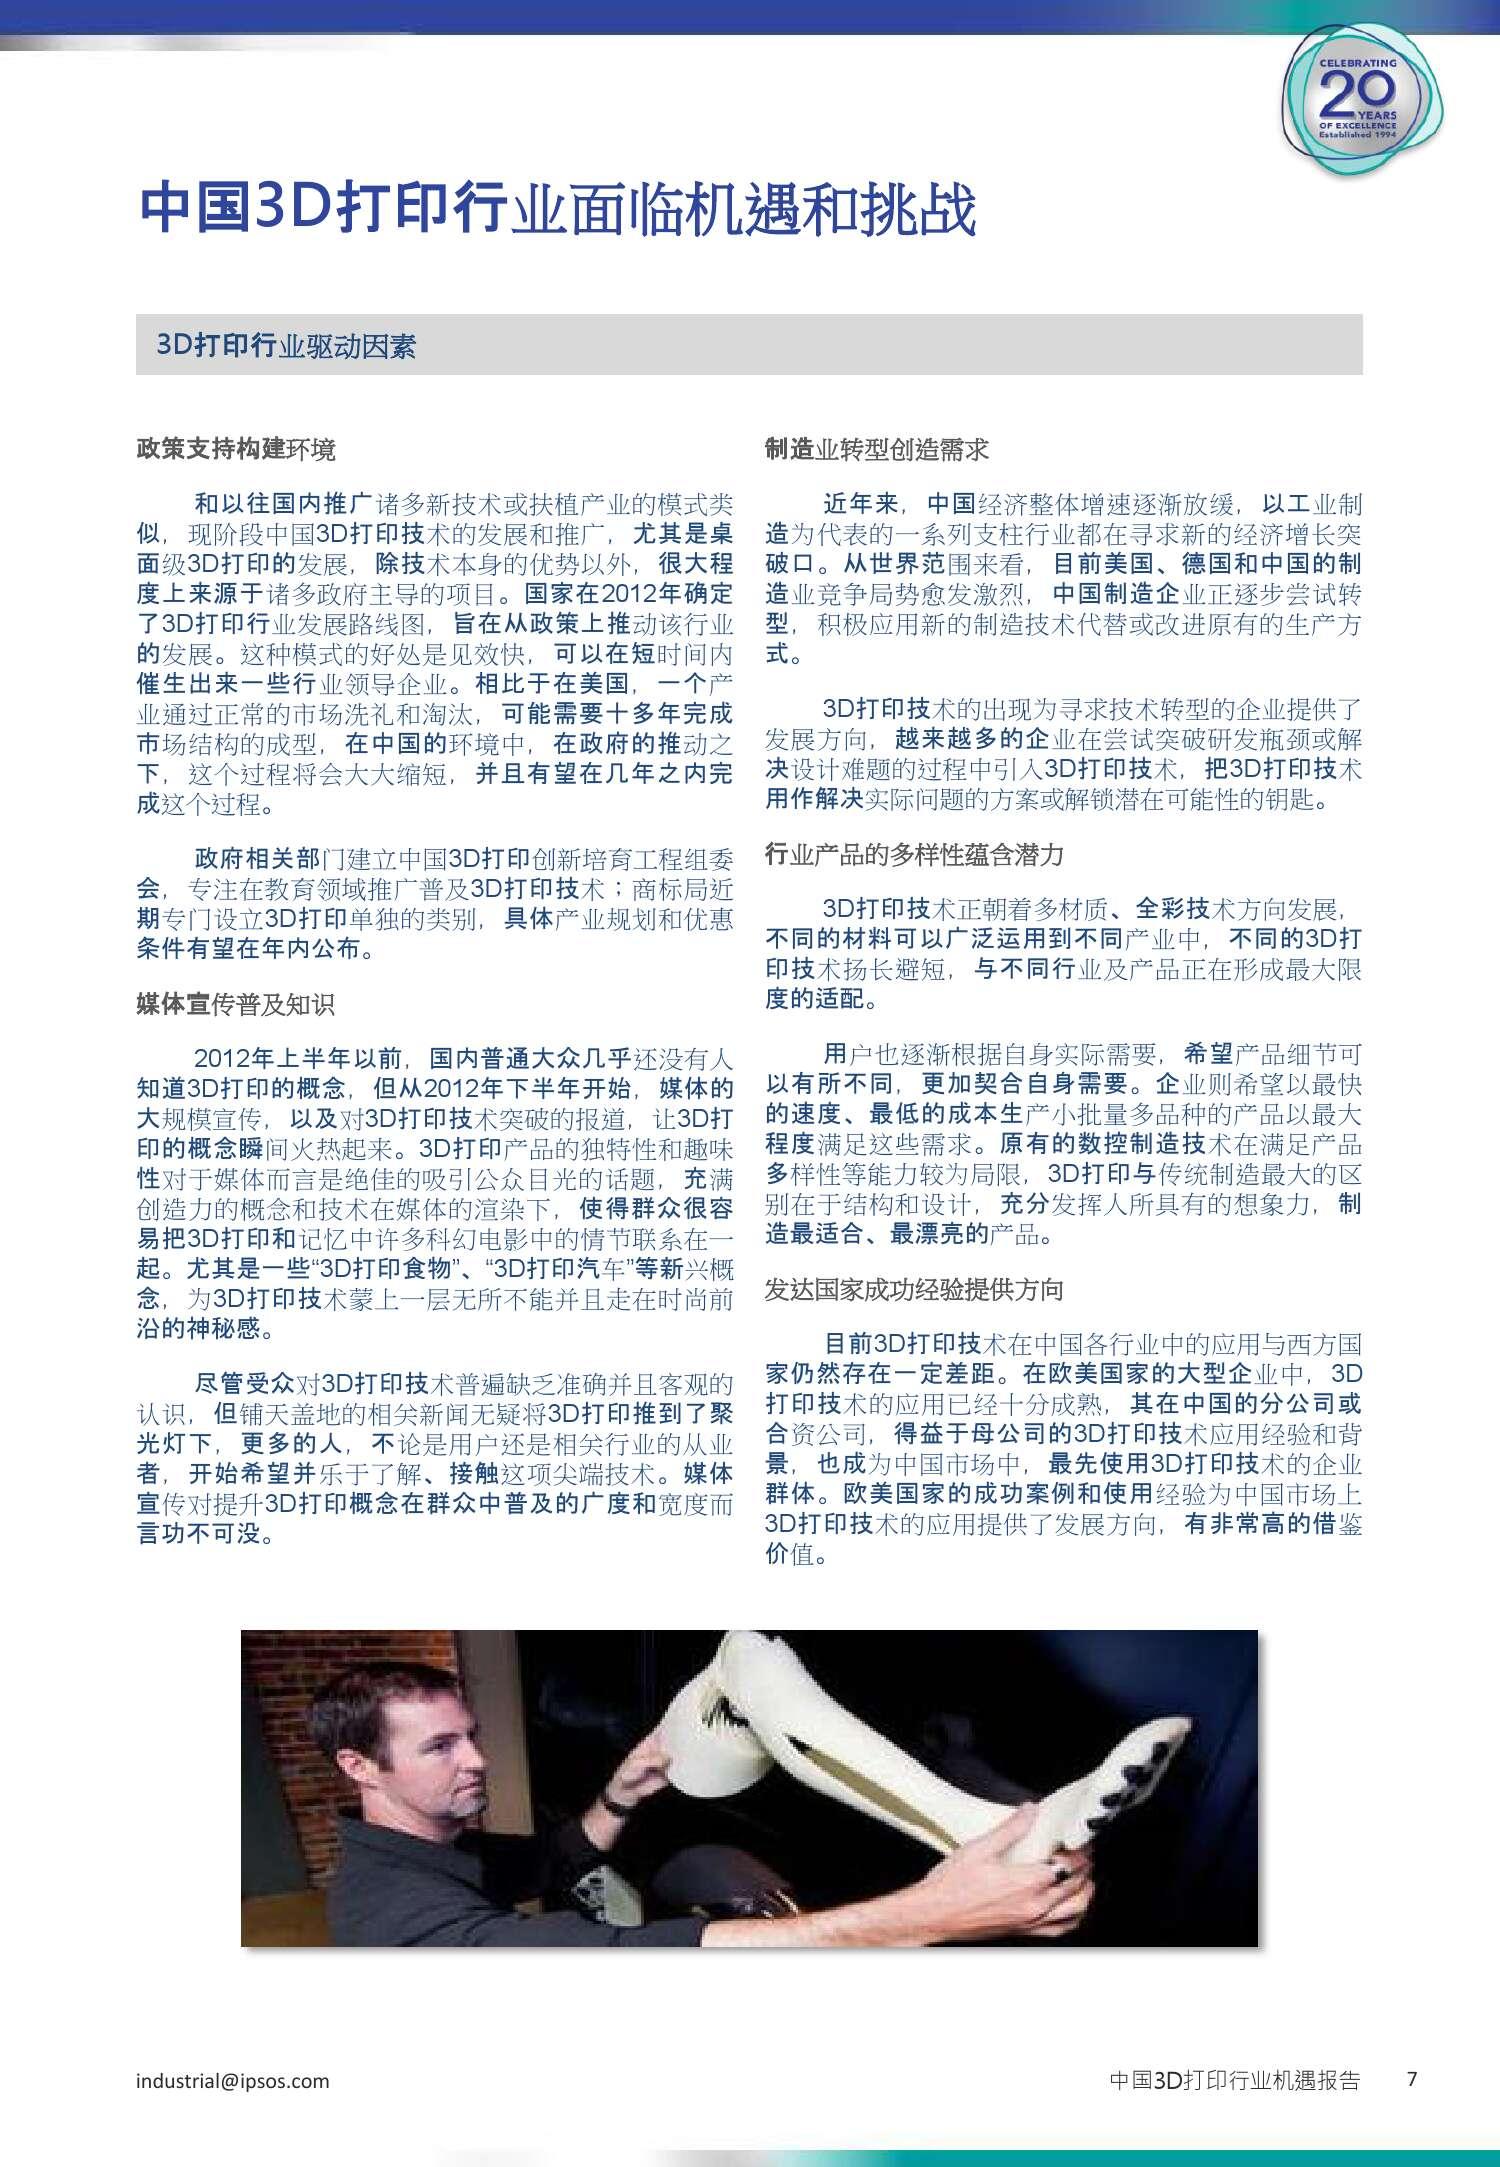 3D打印行业机遇报告_000007